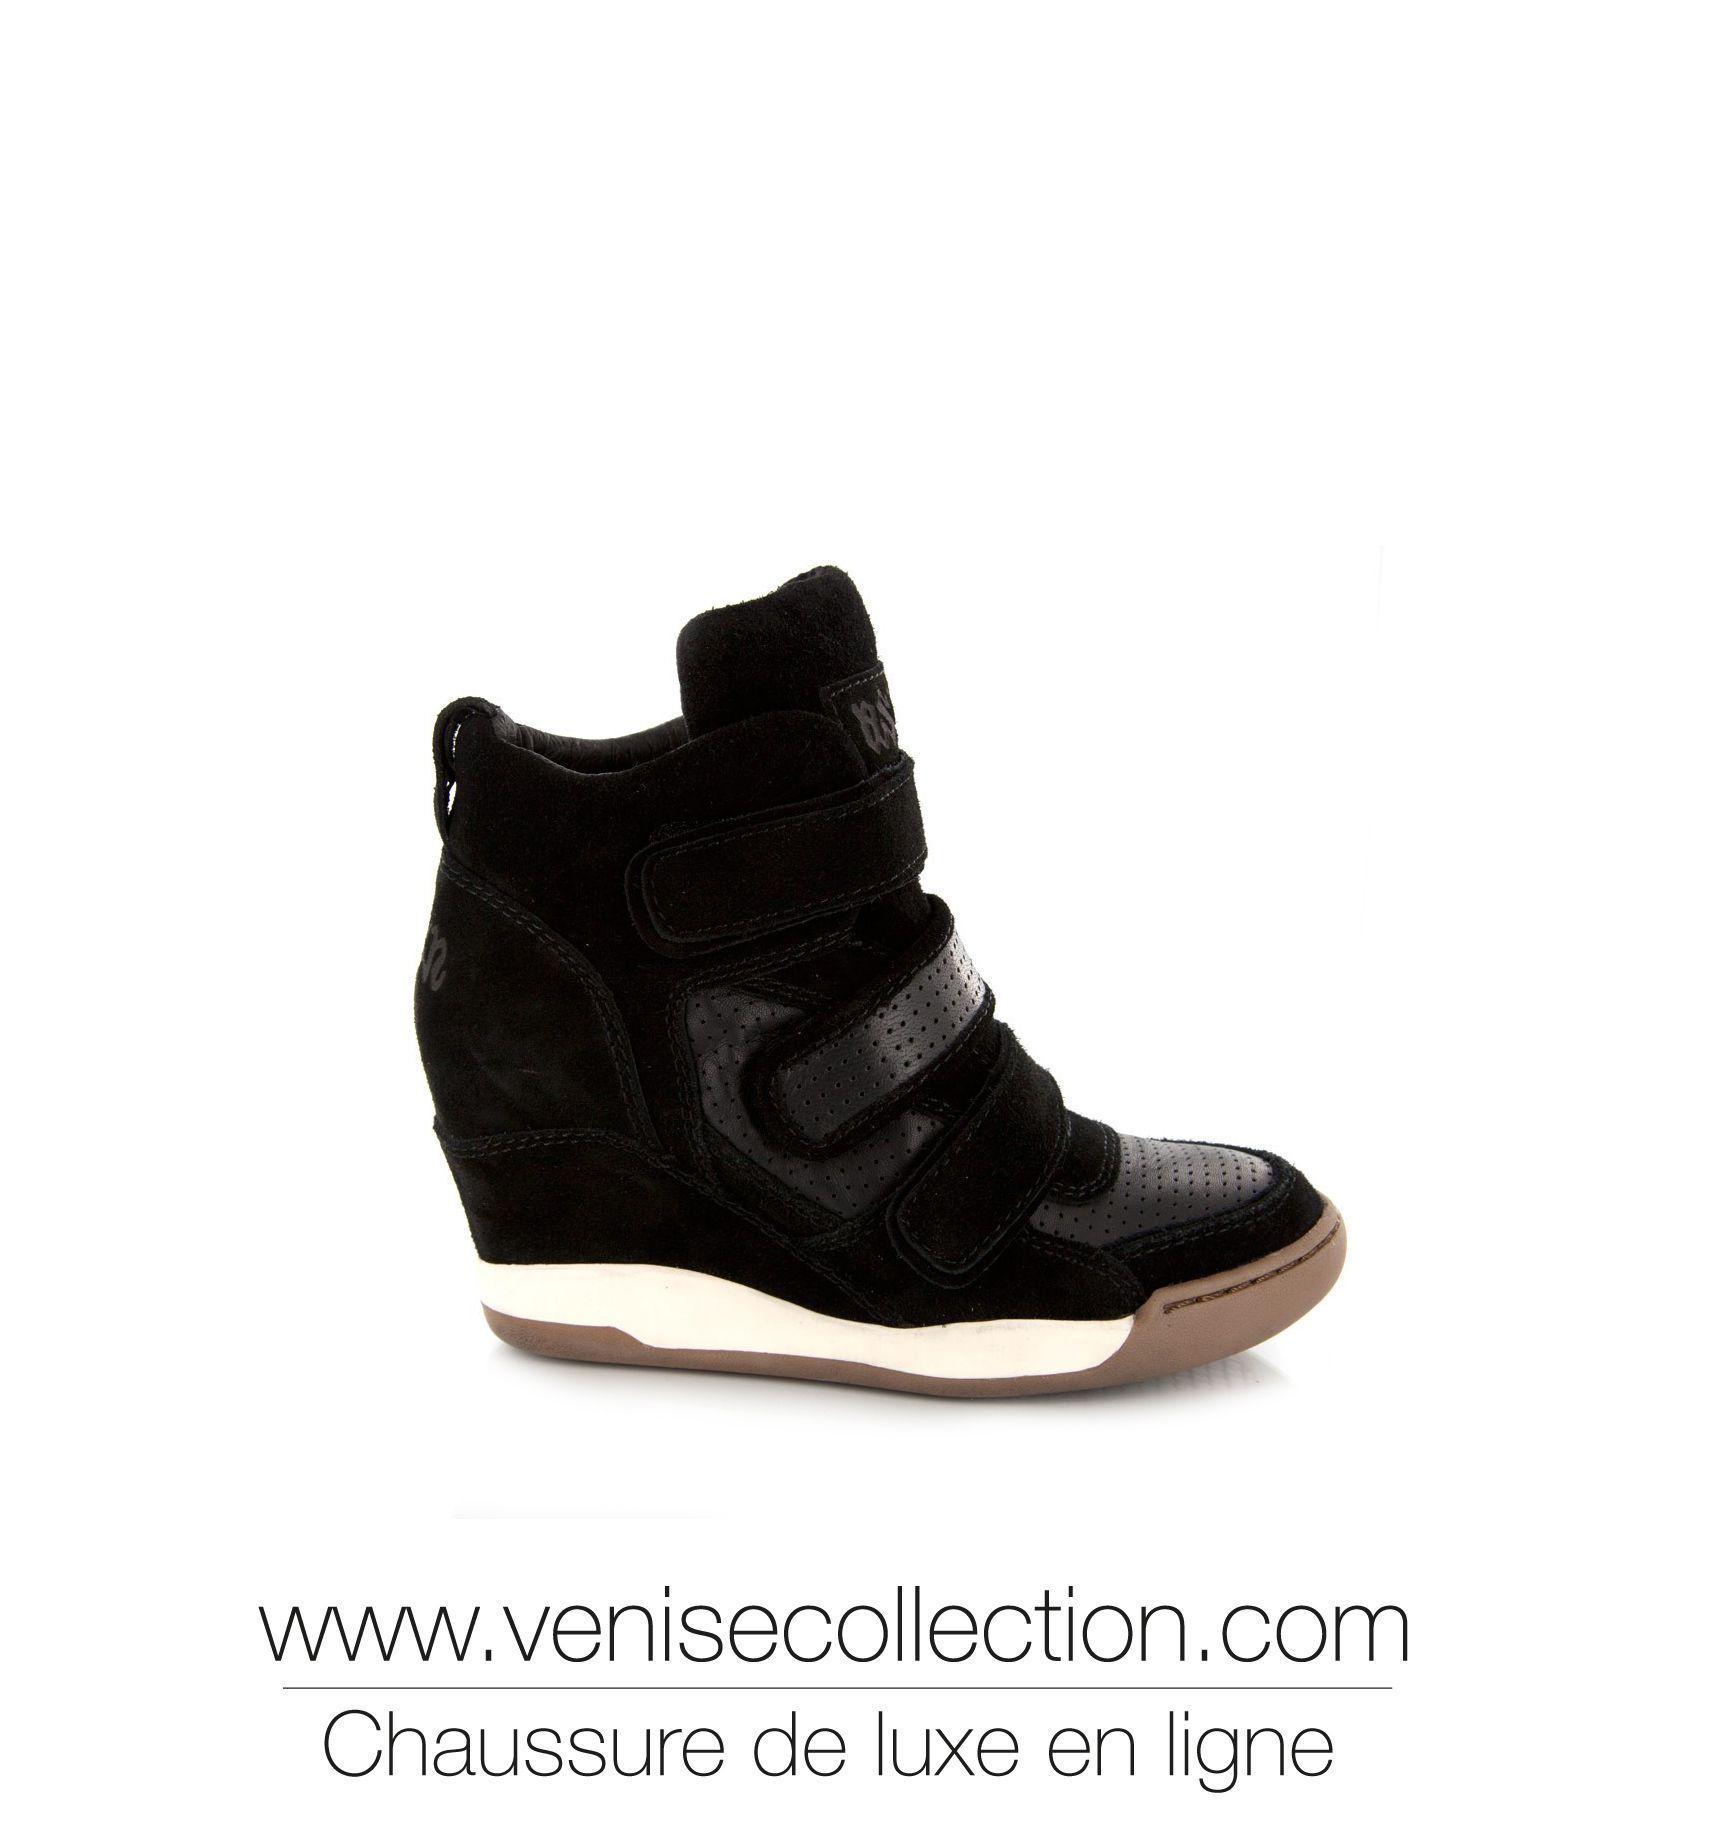 Chaussure ash basket compensée